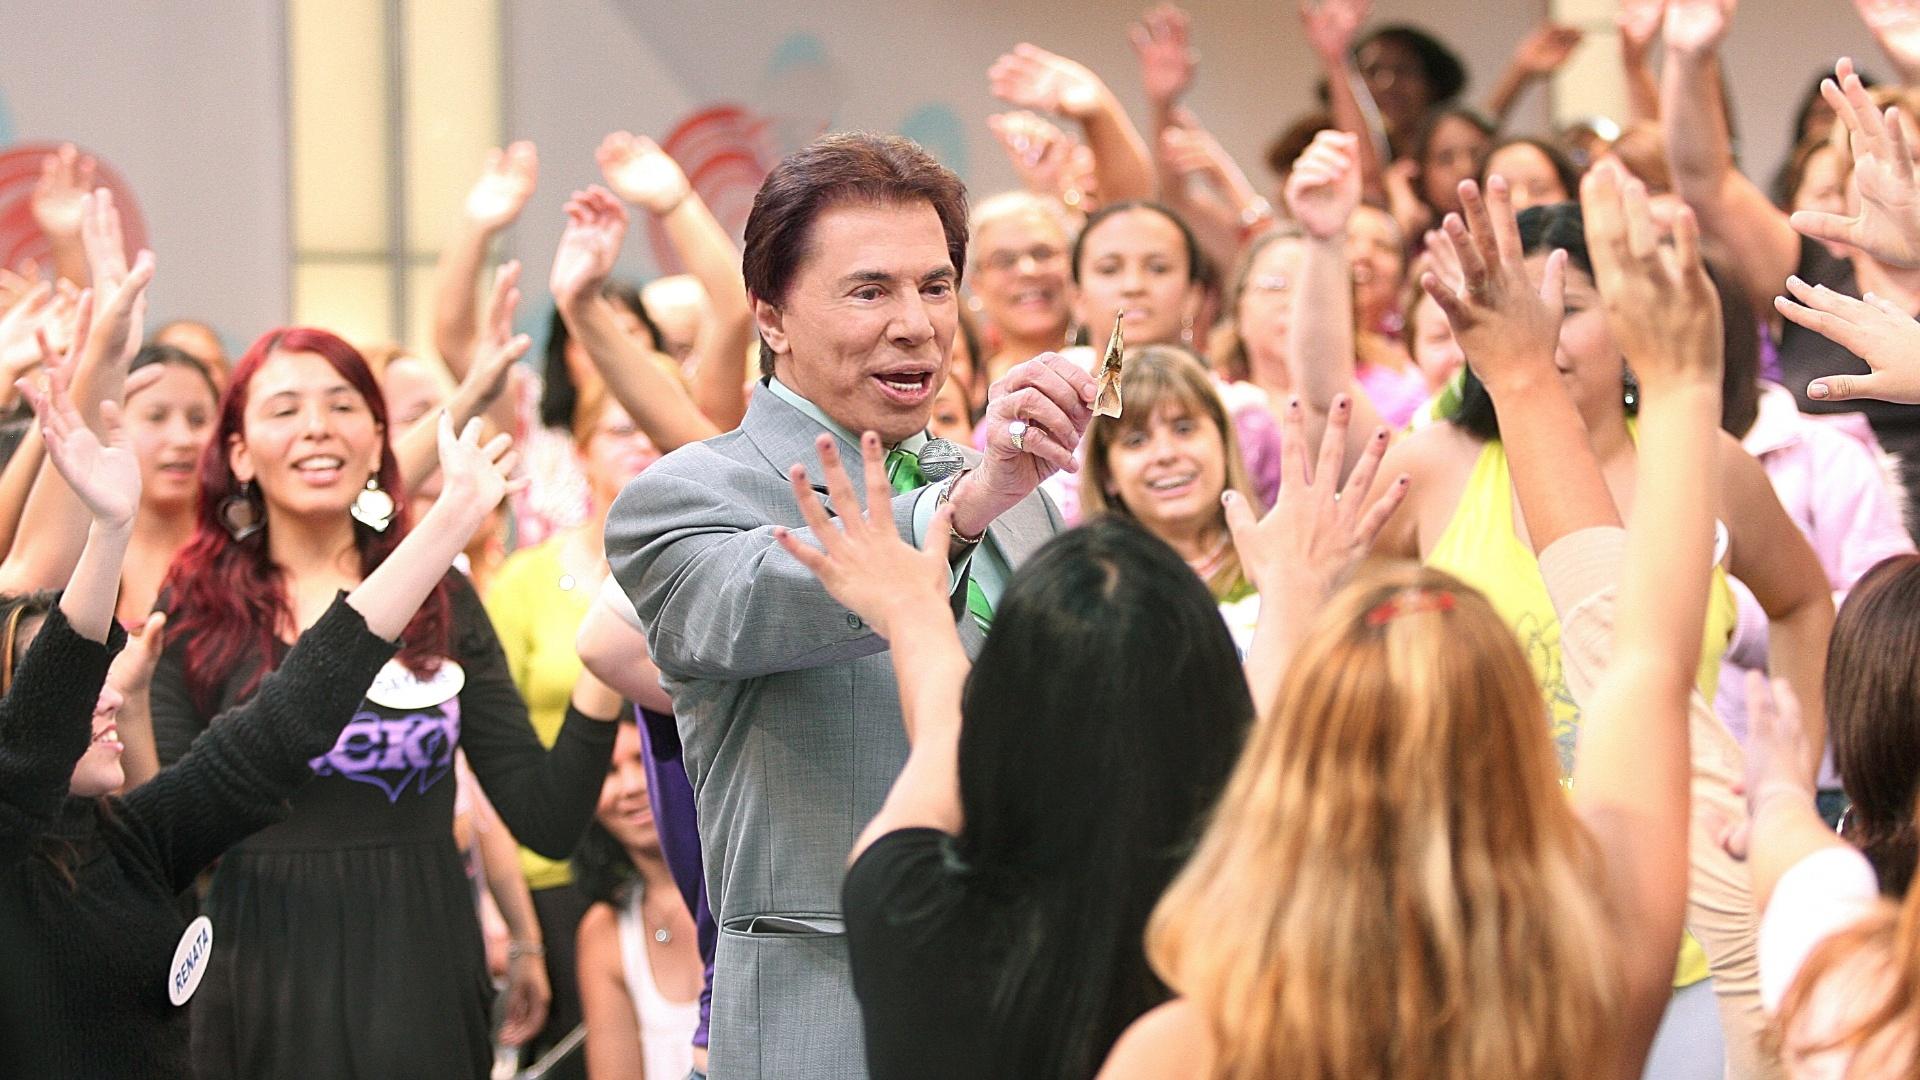 2008 - O apresentador Silvio Santos oferece dinheiro para a plateia